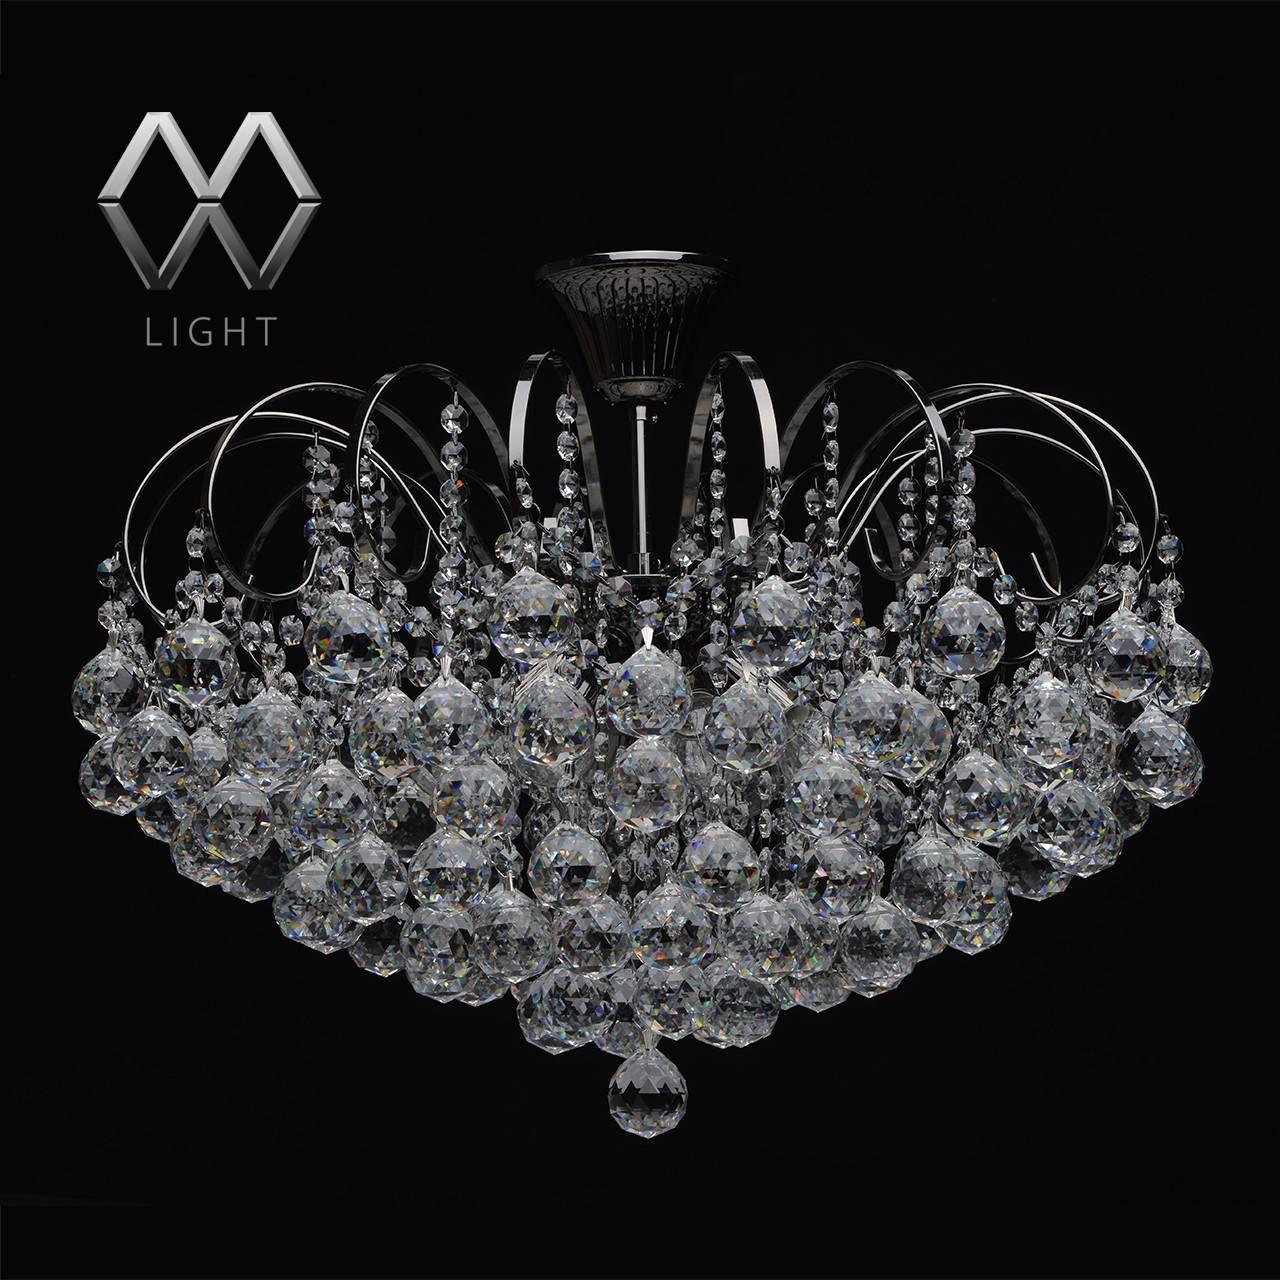 Потолочный светильник MW-Light, E14, 480 Вт потолочный светильник mw light e14 480 вт